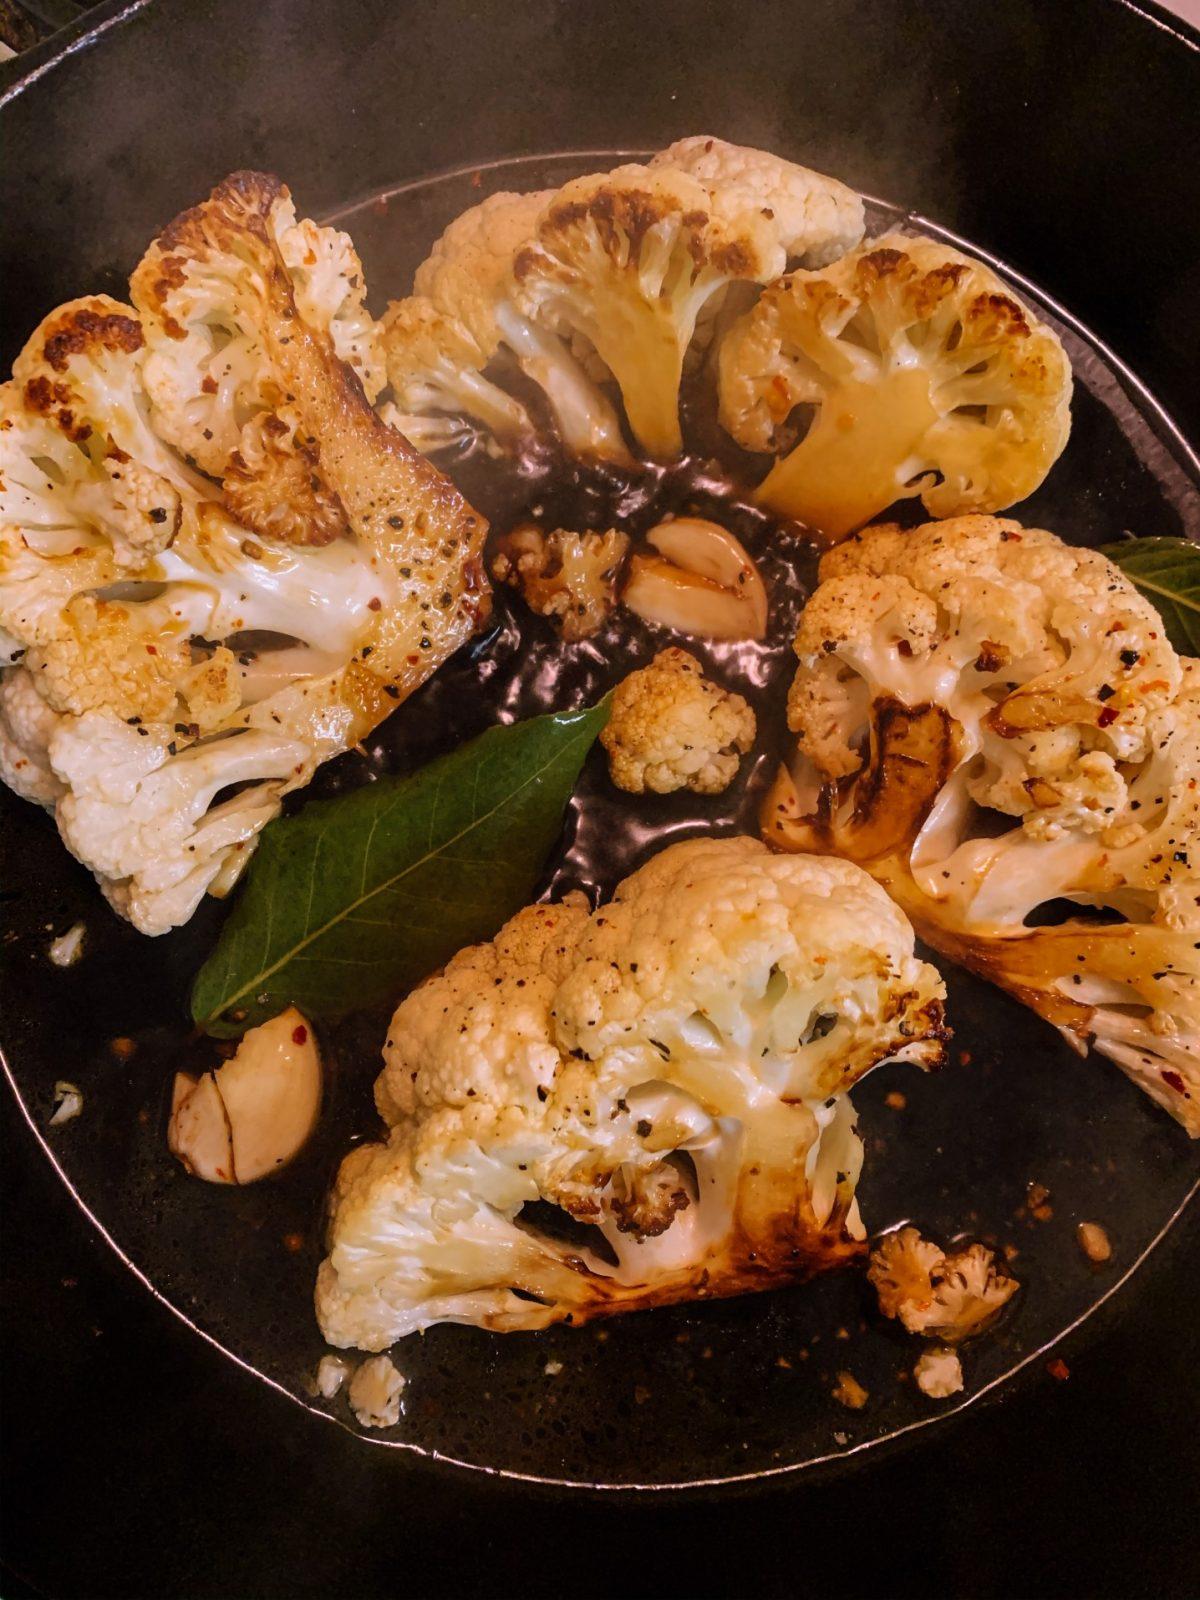 συνταγή κουνουπίδι με μπαλσάμικο για vegan